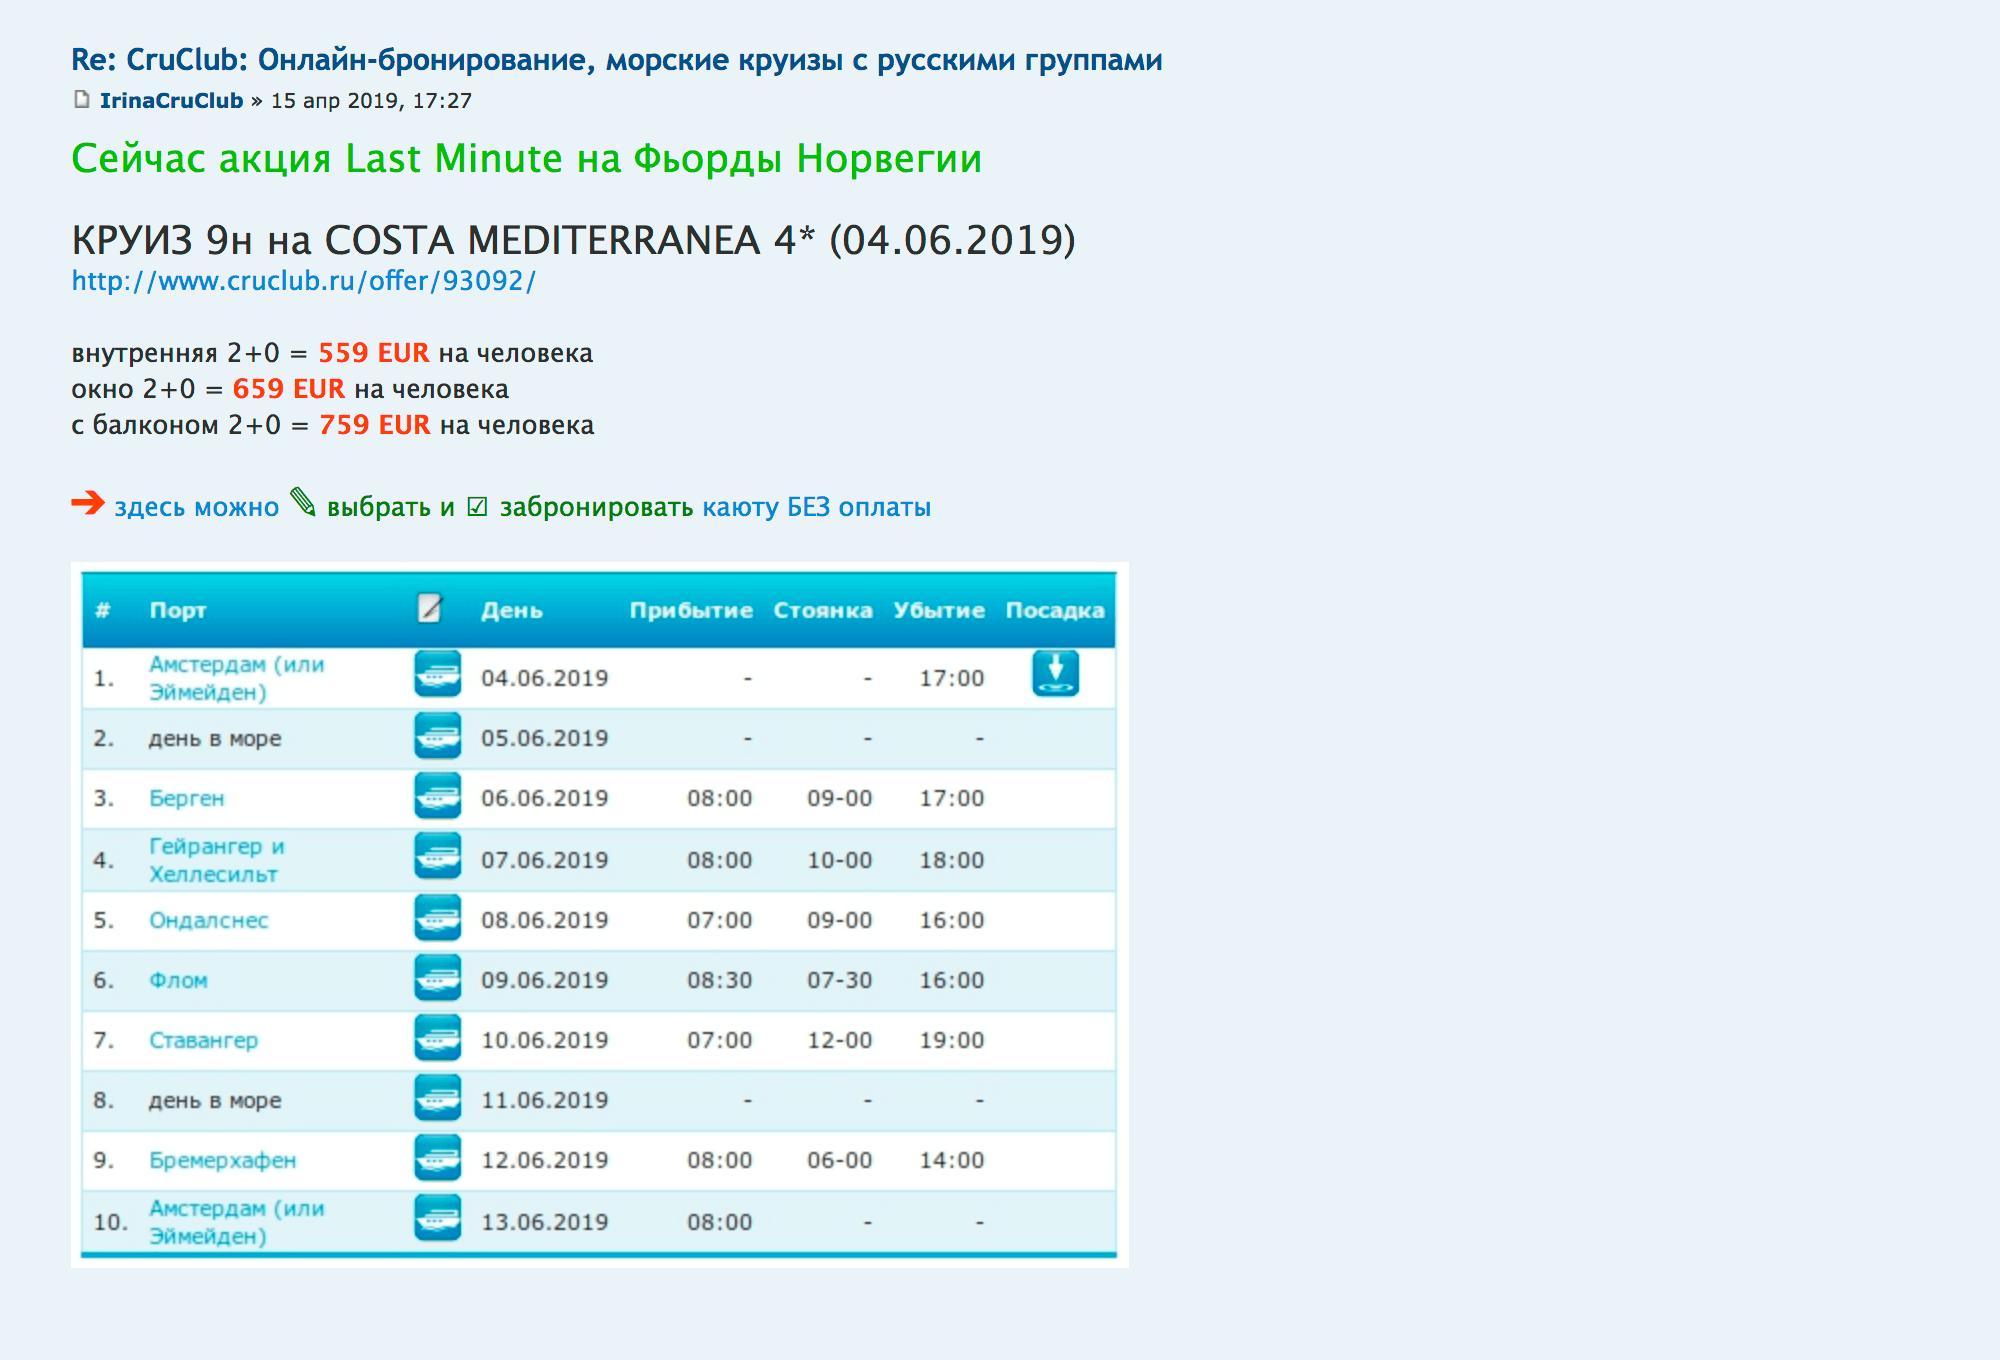 Горящий круиз по фьордам стоит 1118€ (79 378рублей) на двоих. Стандартная цена — в два раза выше